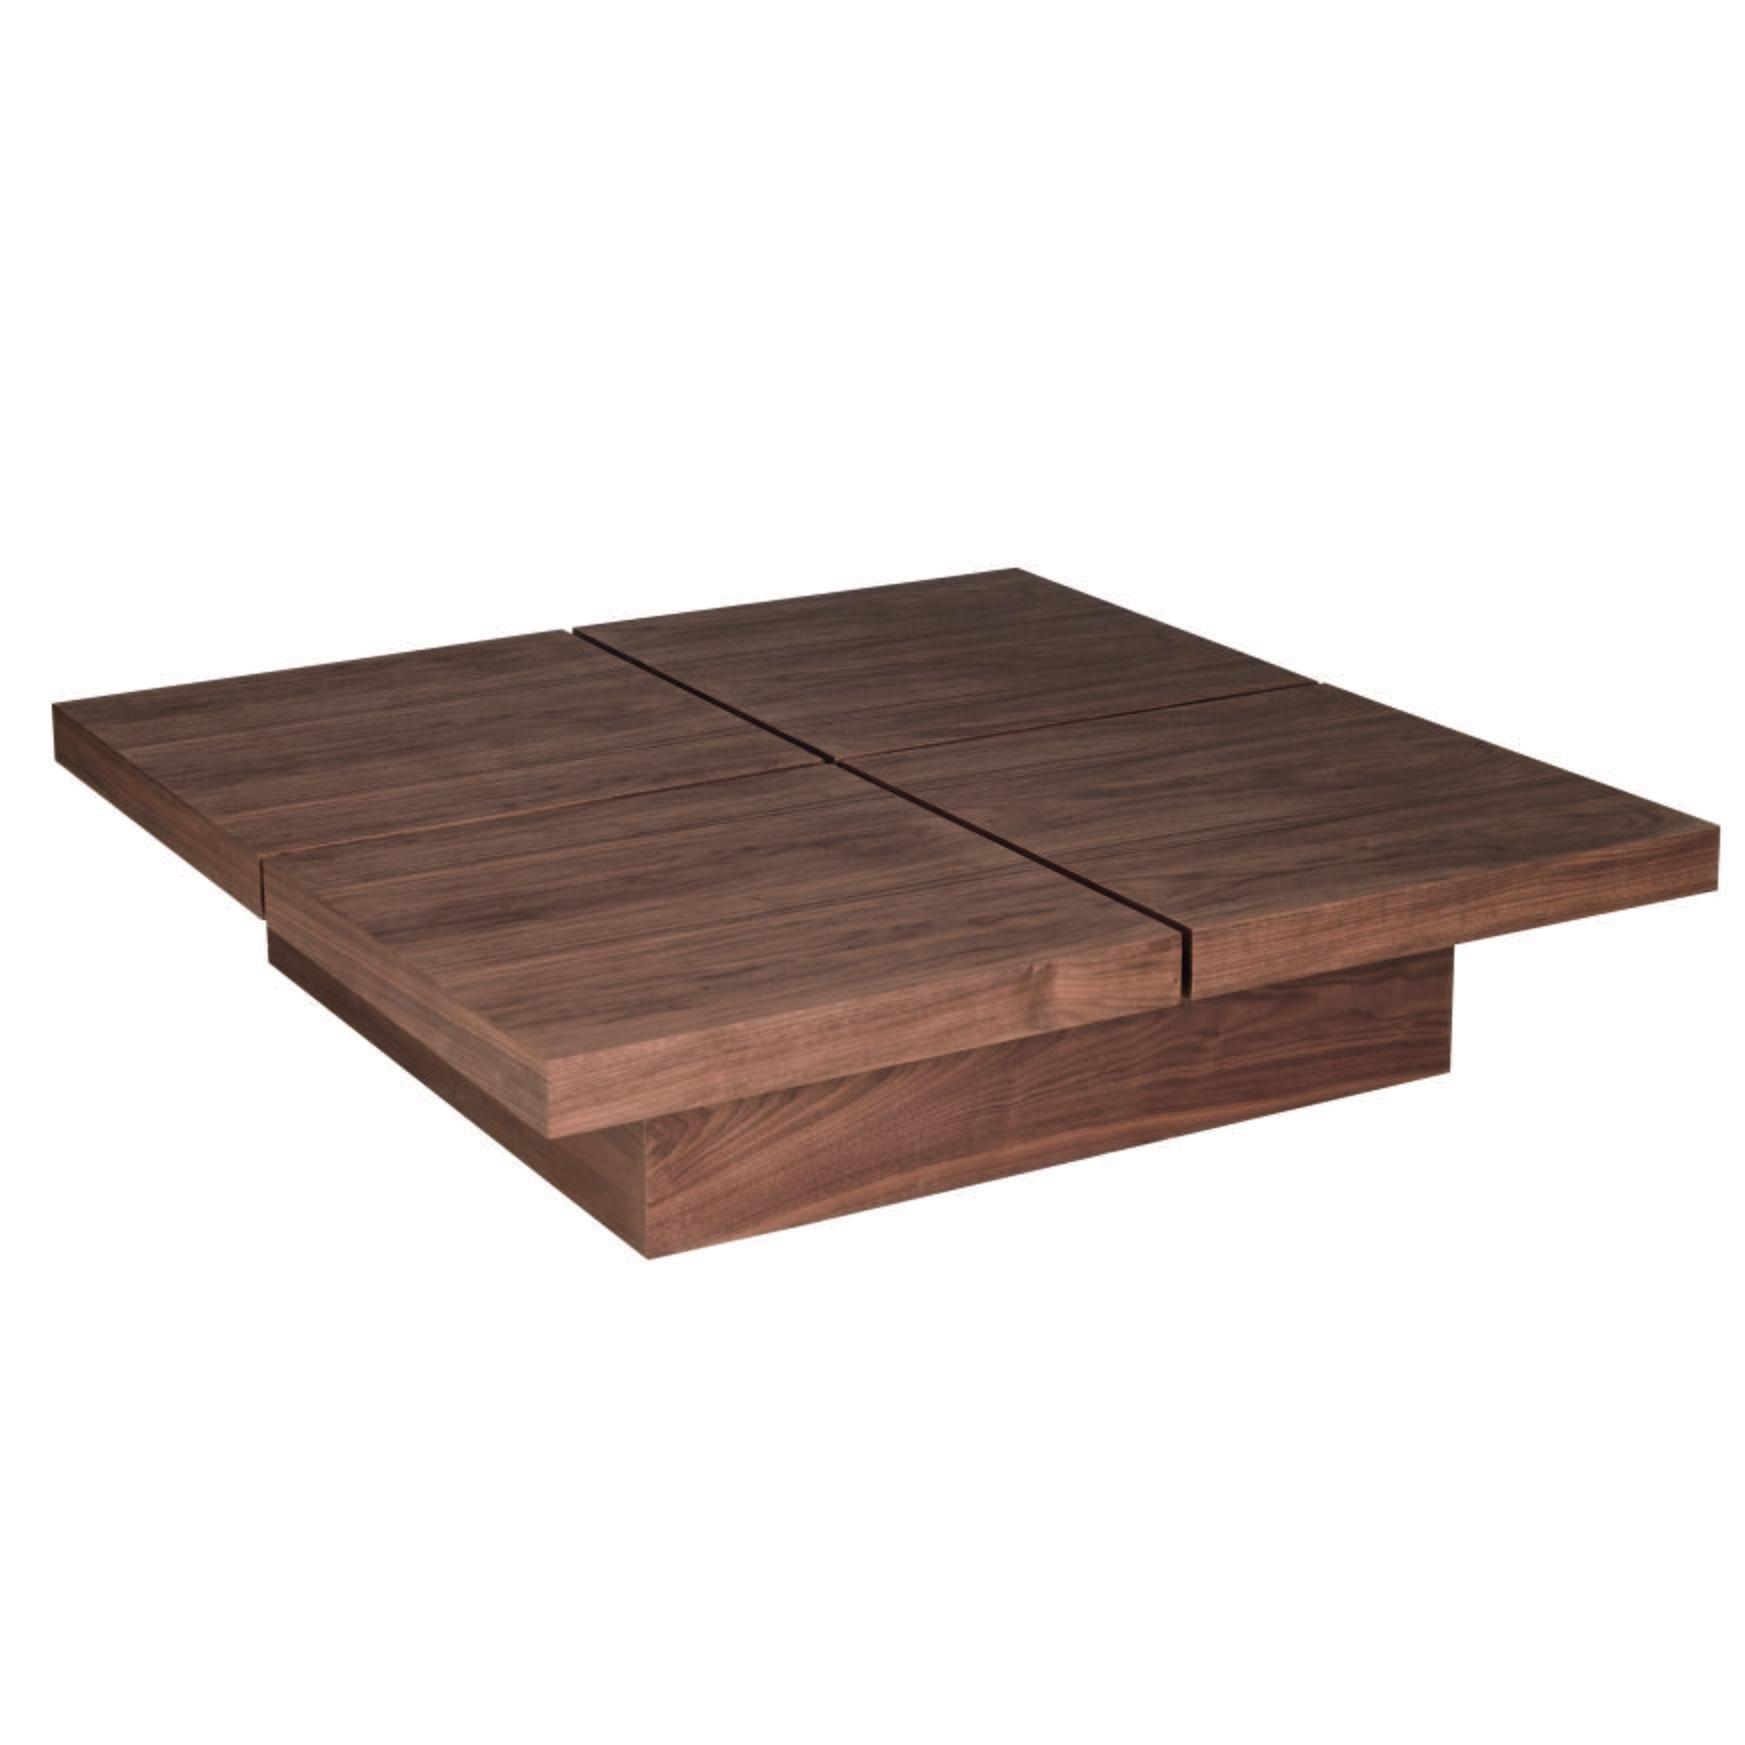 Basso four block storage coffee table walnut